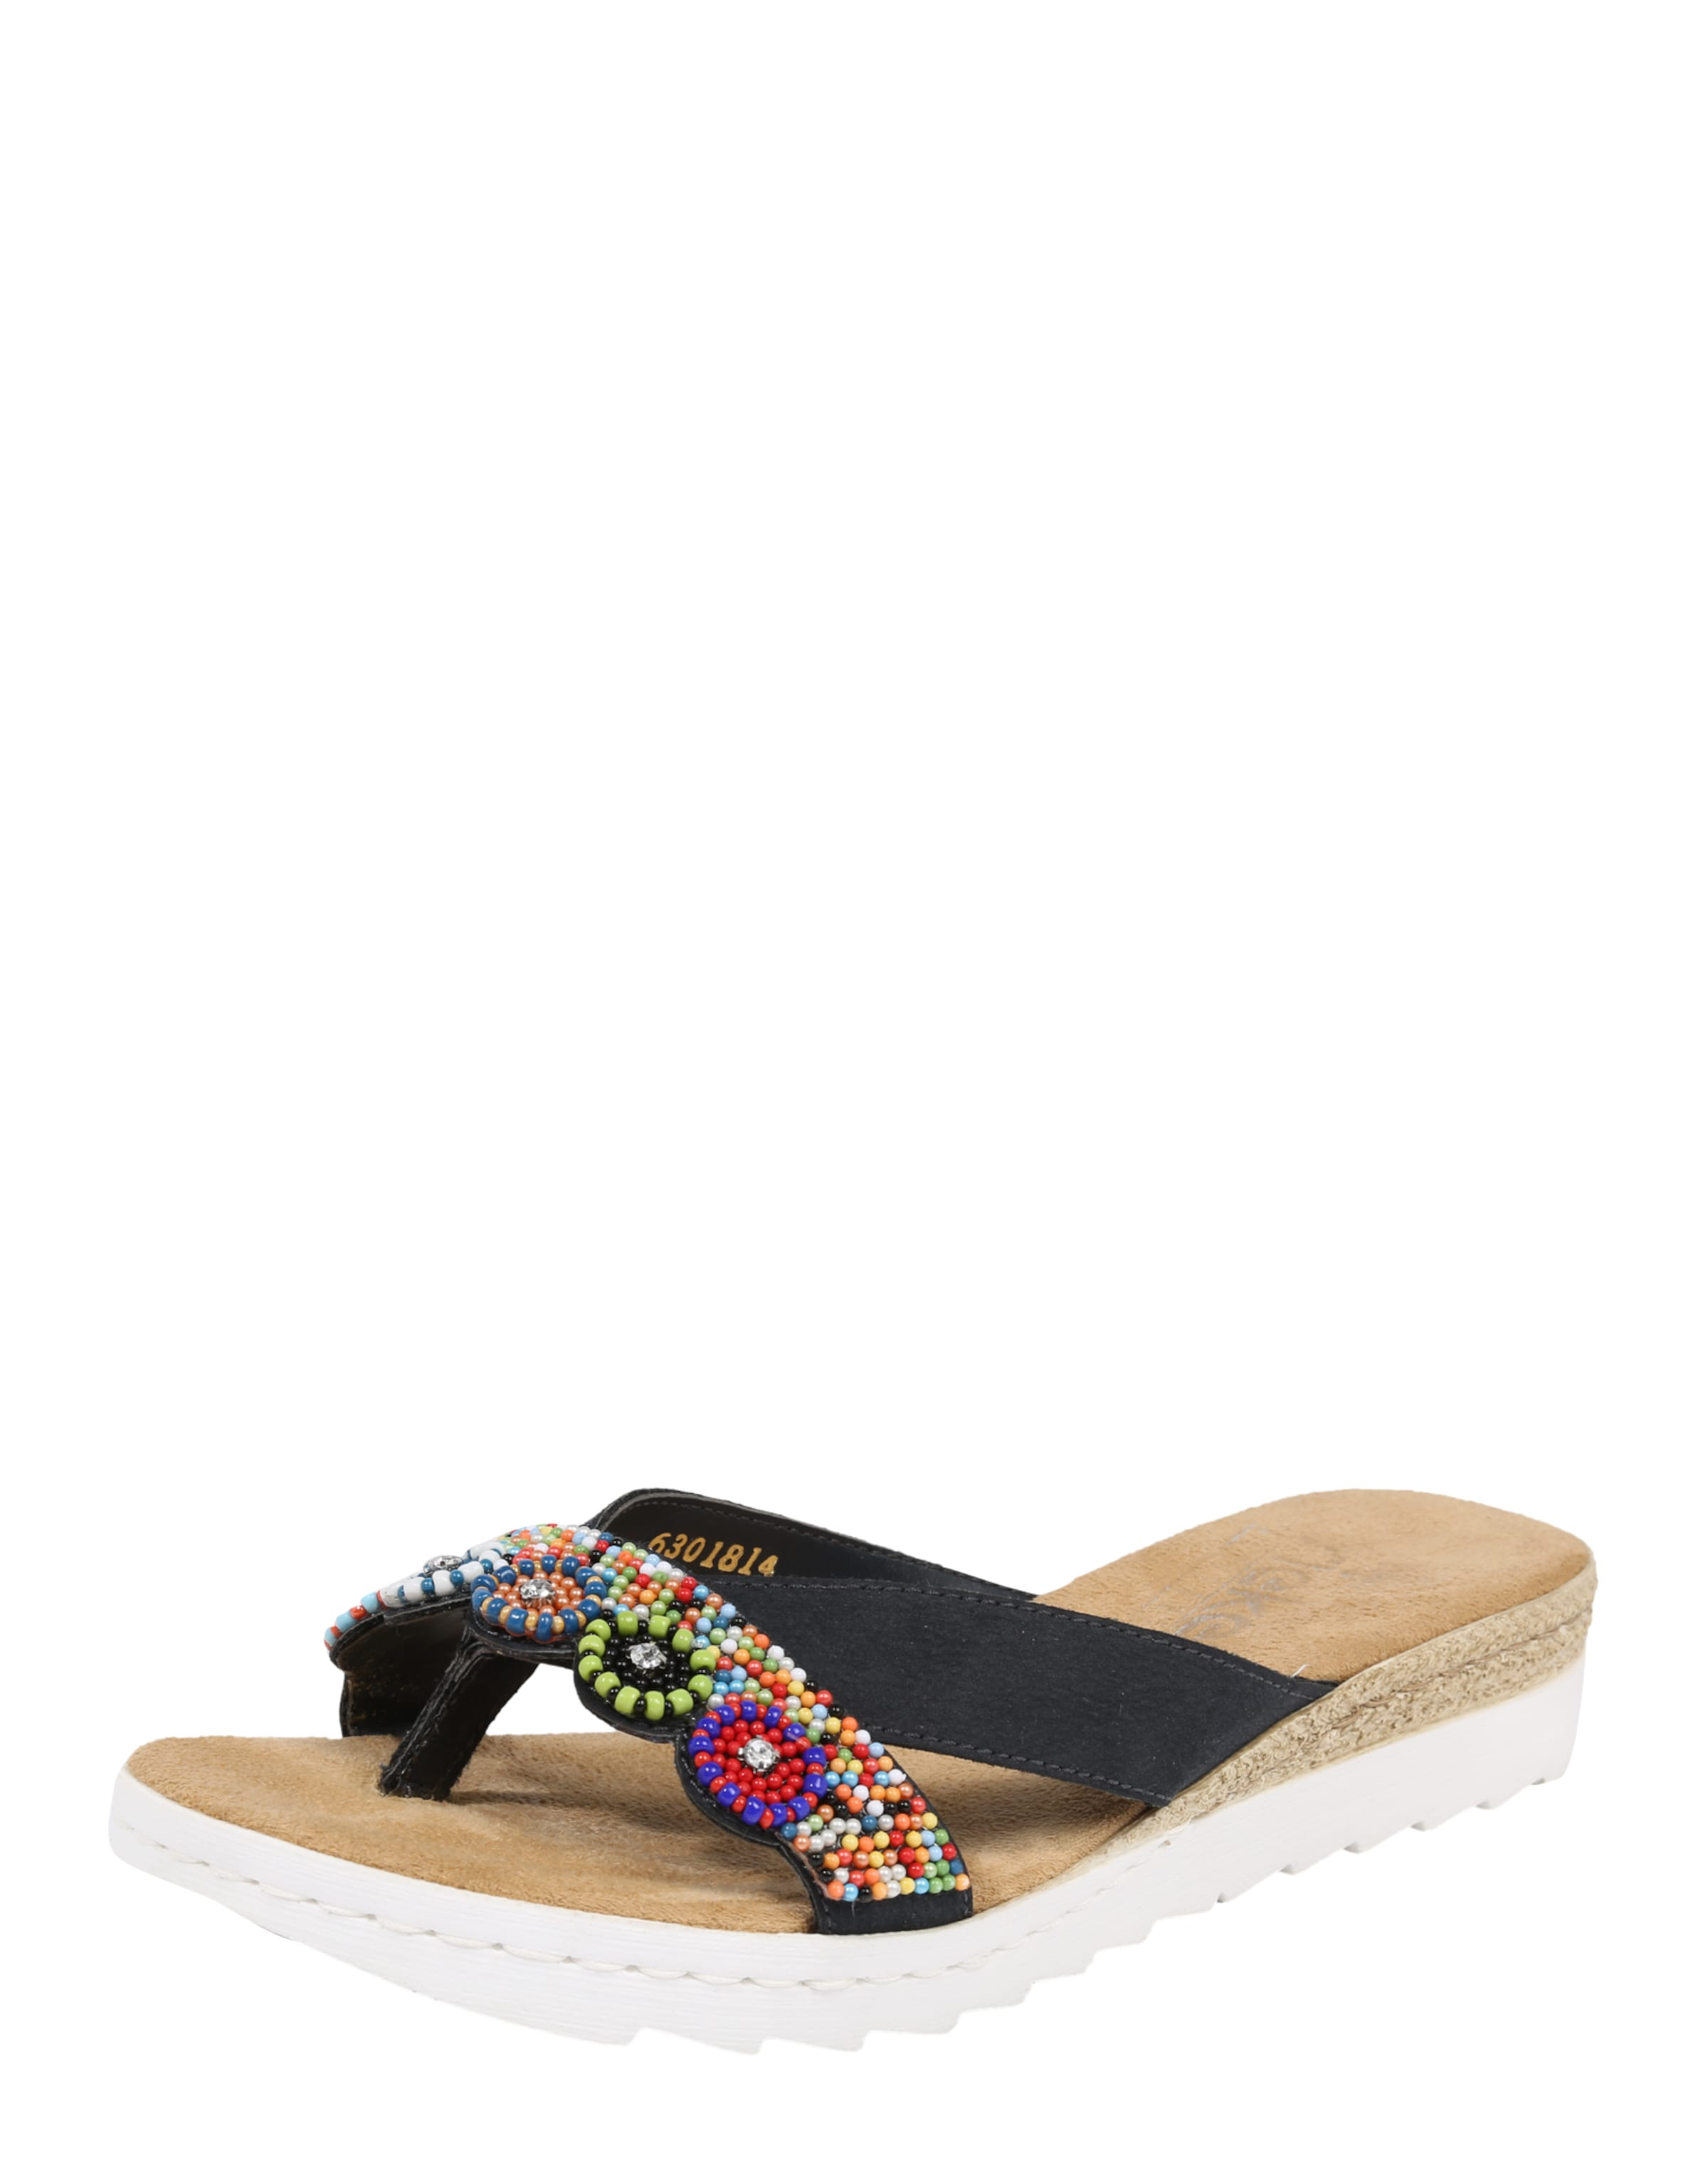 RIEKER Pantolette Verschleißfeste billige Schuhe Hohe Qualität